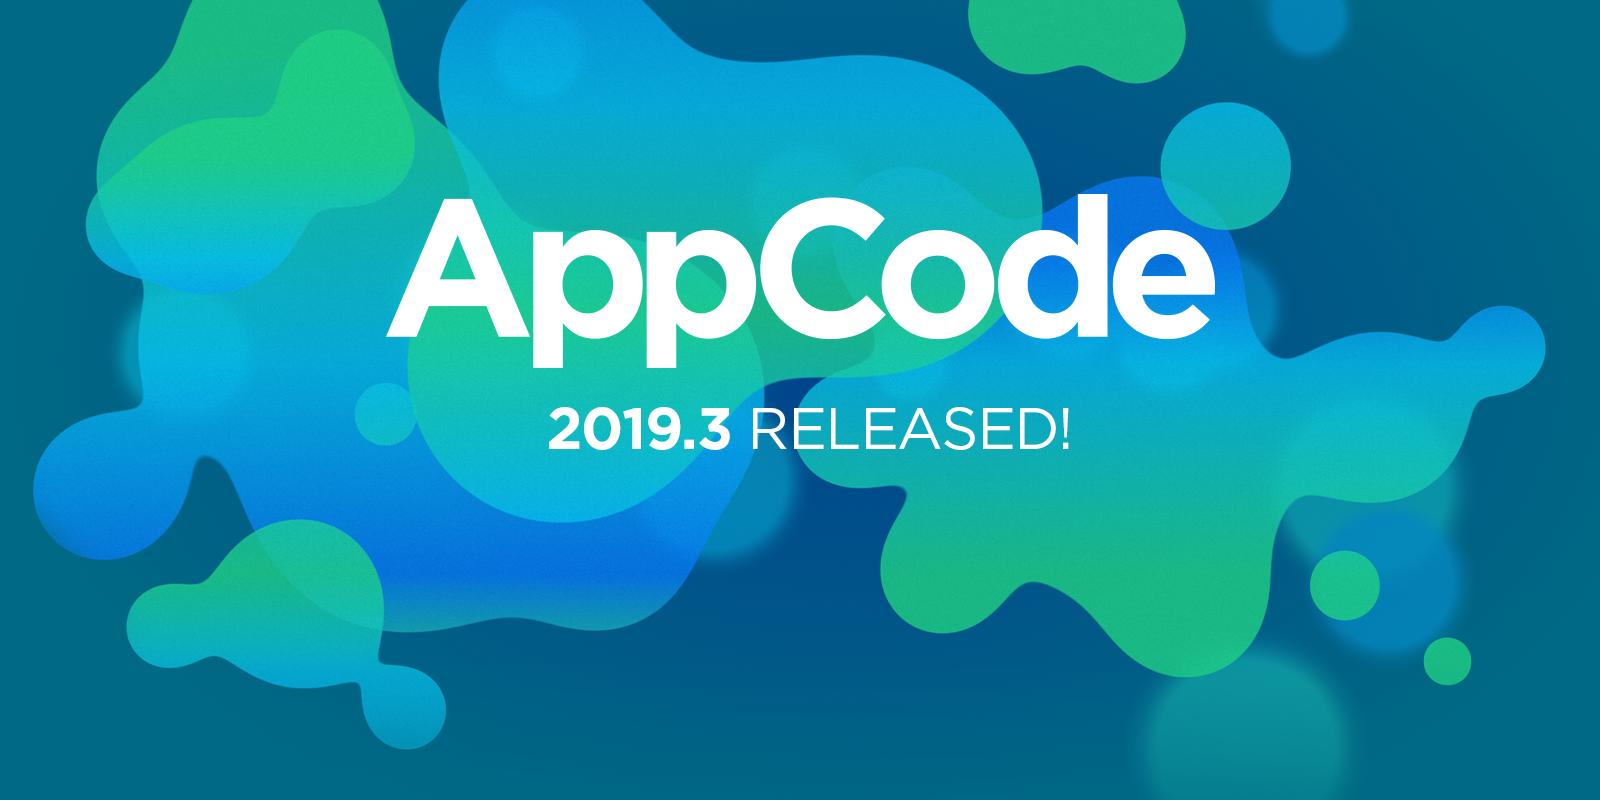 AppCode 2019.3